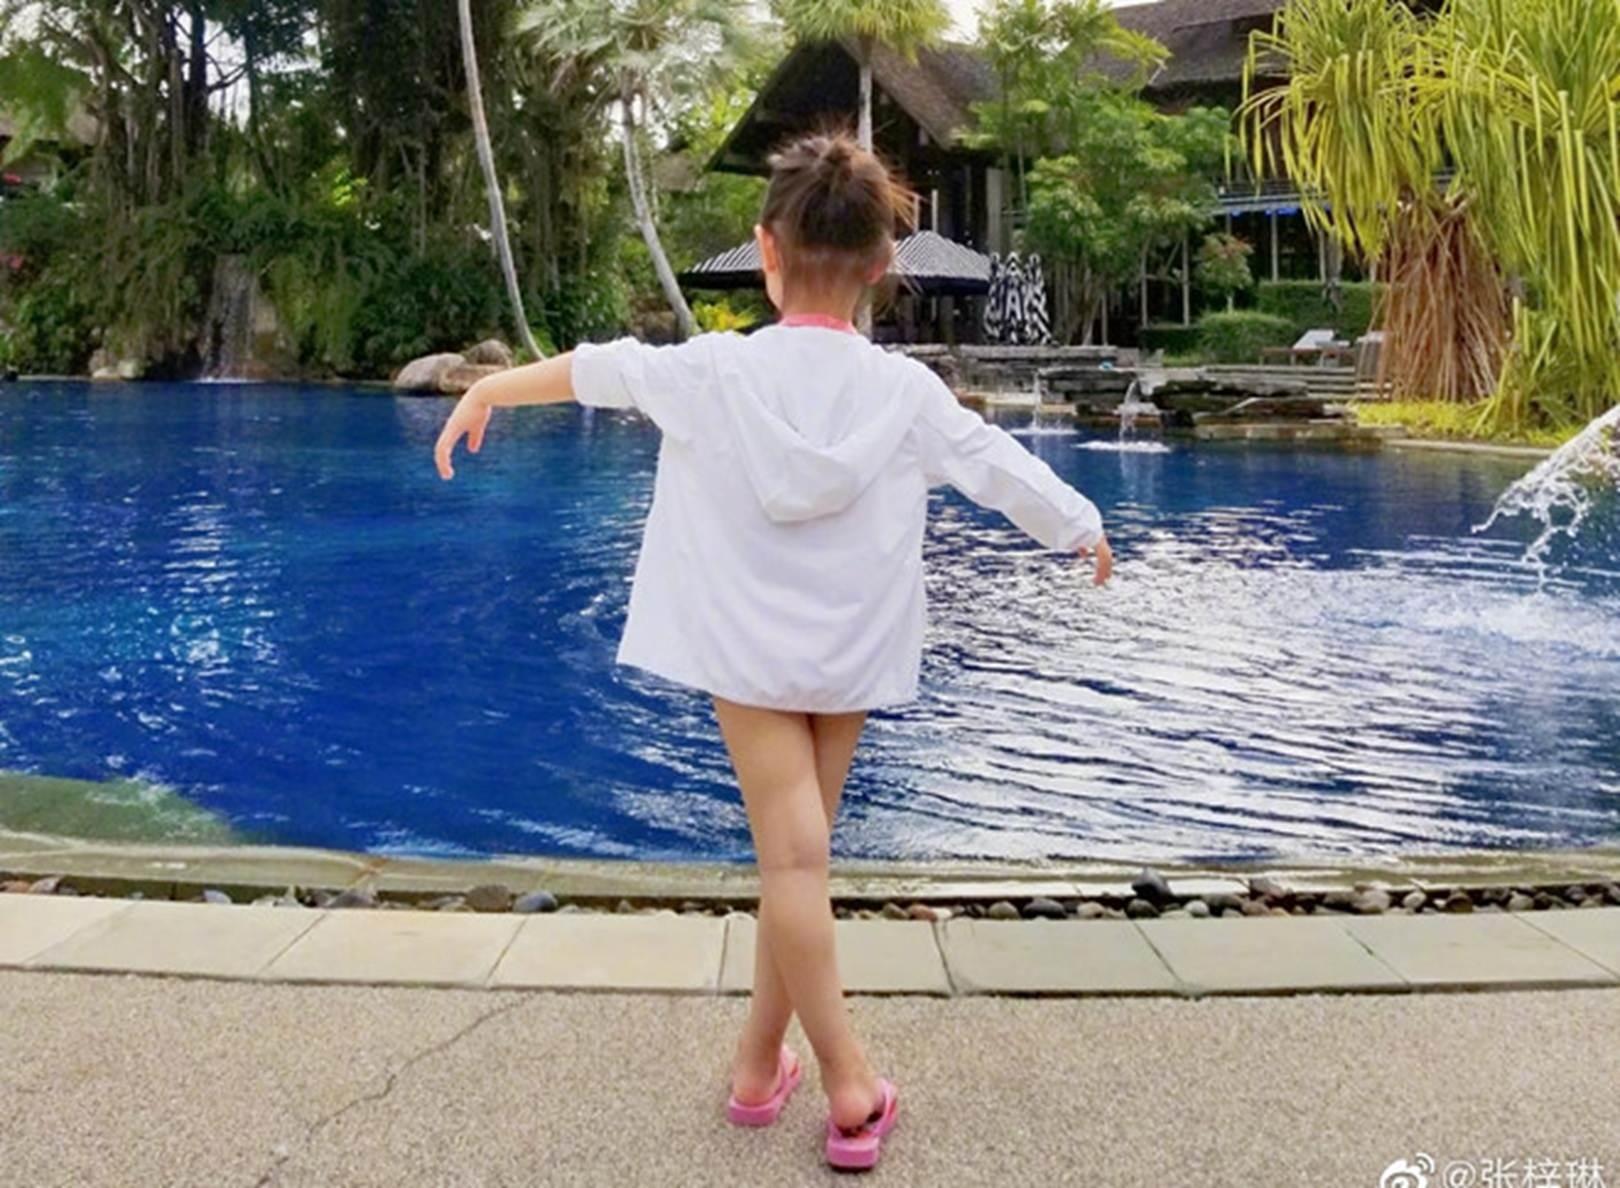 Con gái 3 tuổi của Hoa hậu Trương Tử Lâm sớm sở hữu đôi chân dài-2